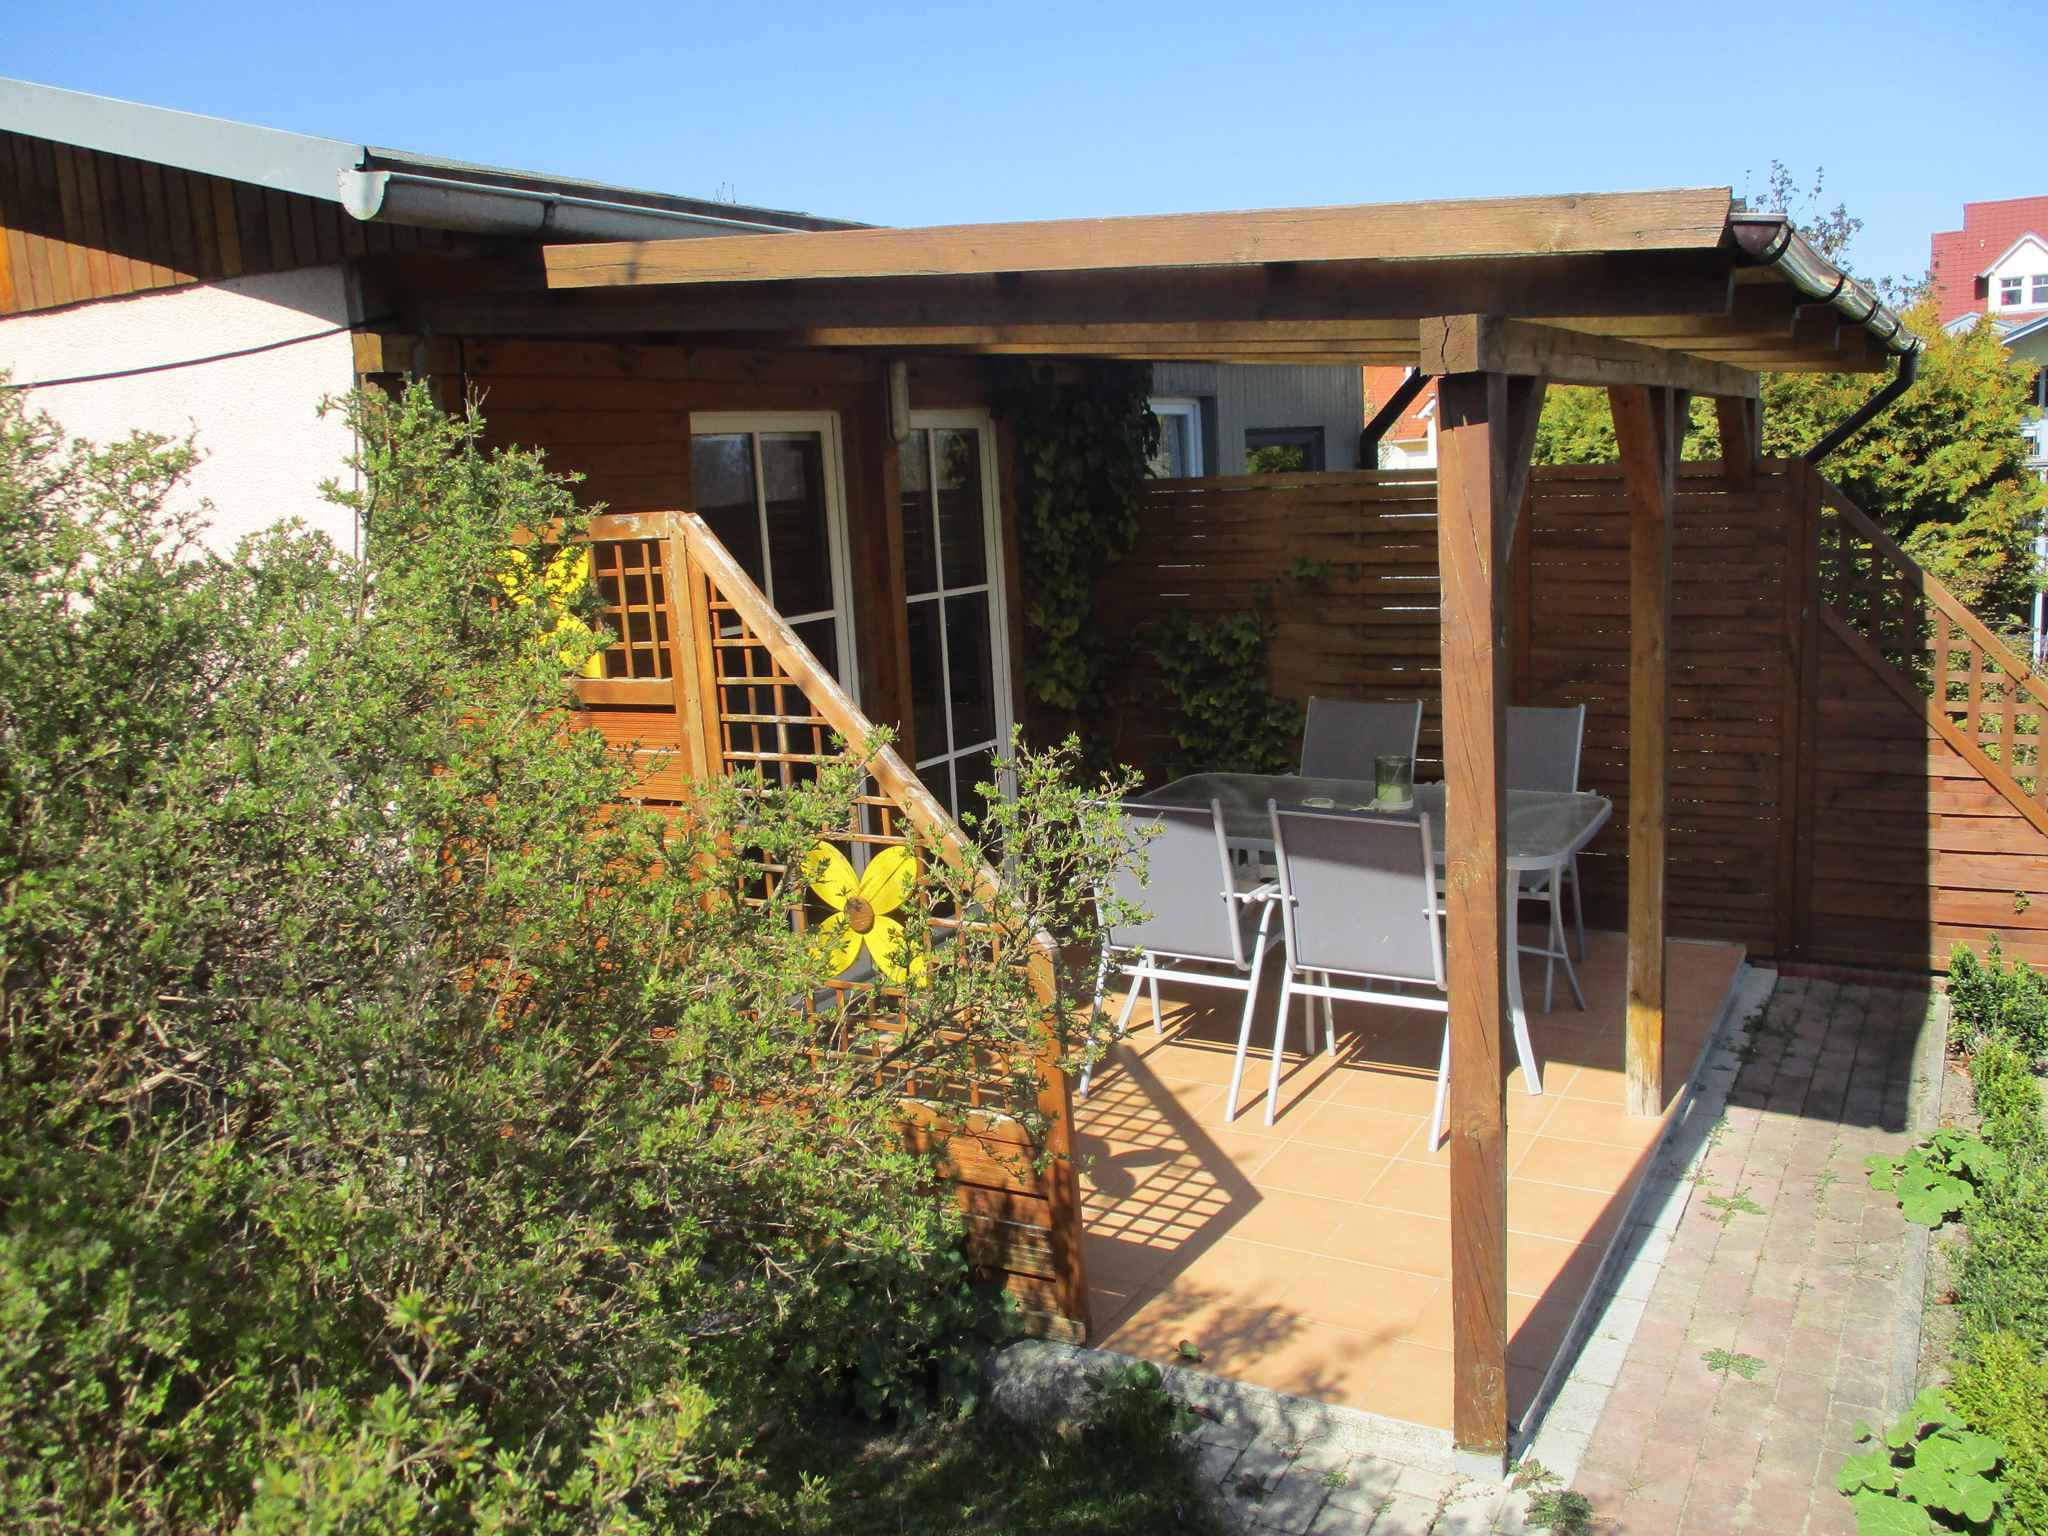 Ferienhaus mit überdachter Terrasse, 600 m zum Ostseestrand (317764), Göhren, Rügen, Mecklenburg-Vorpommern, Deutschland, Bild 8